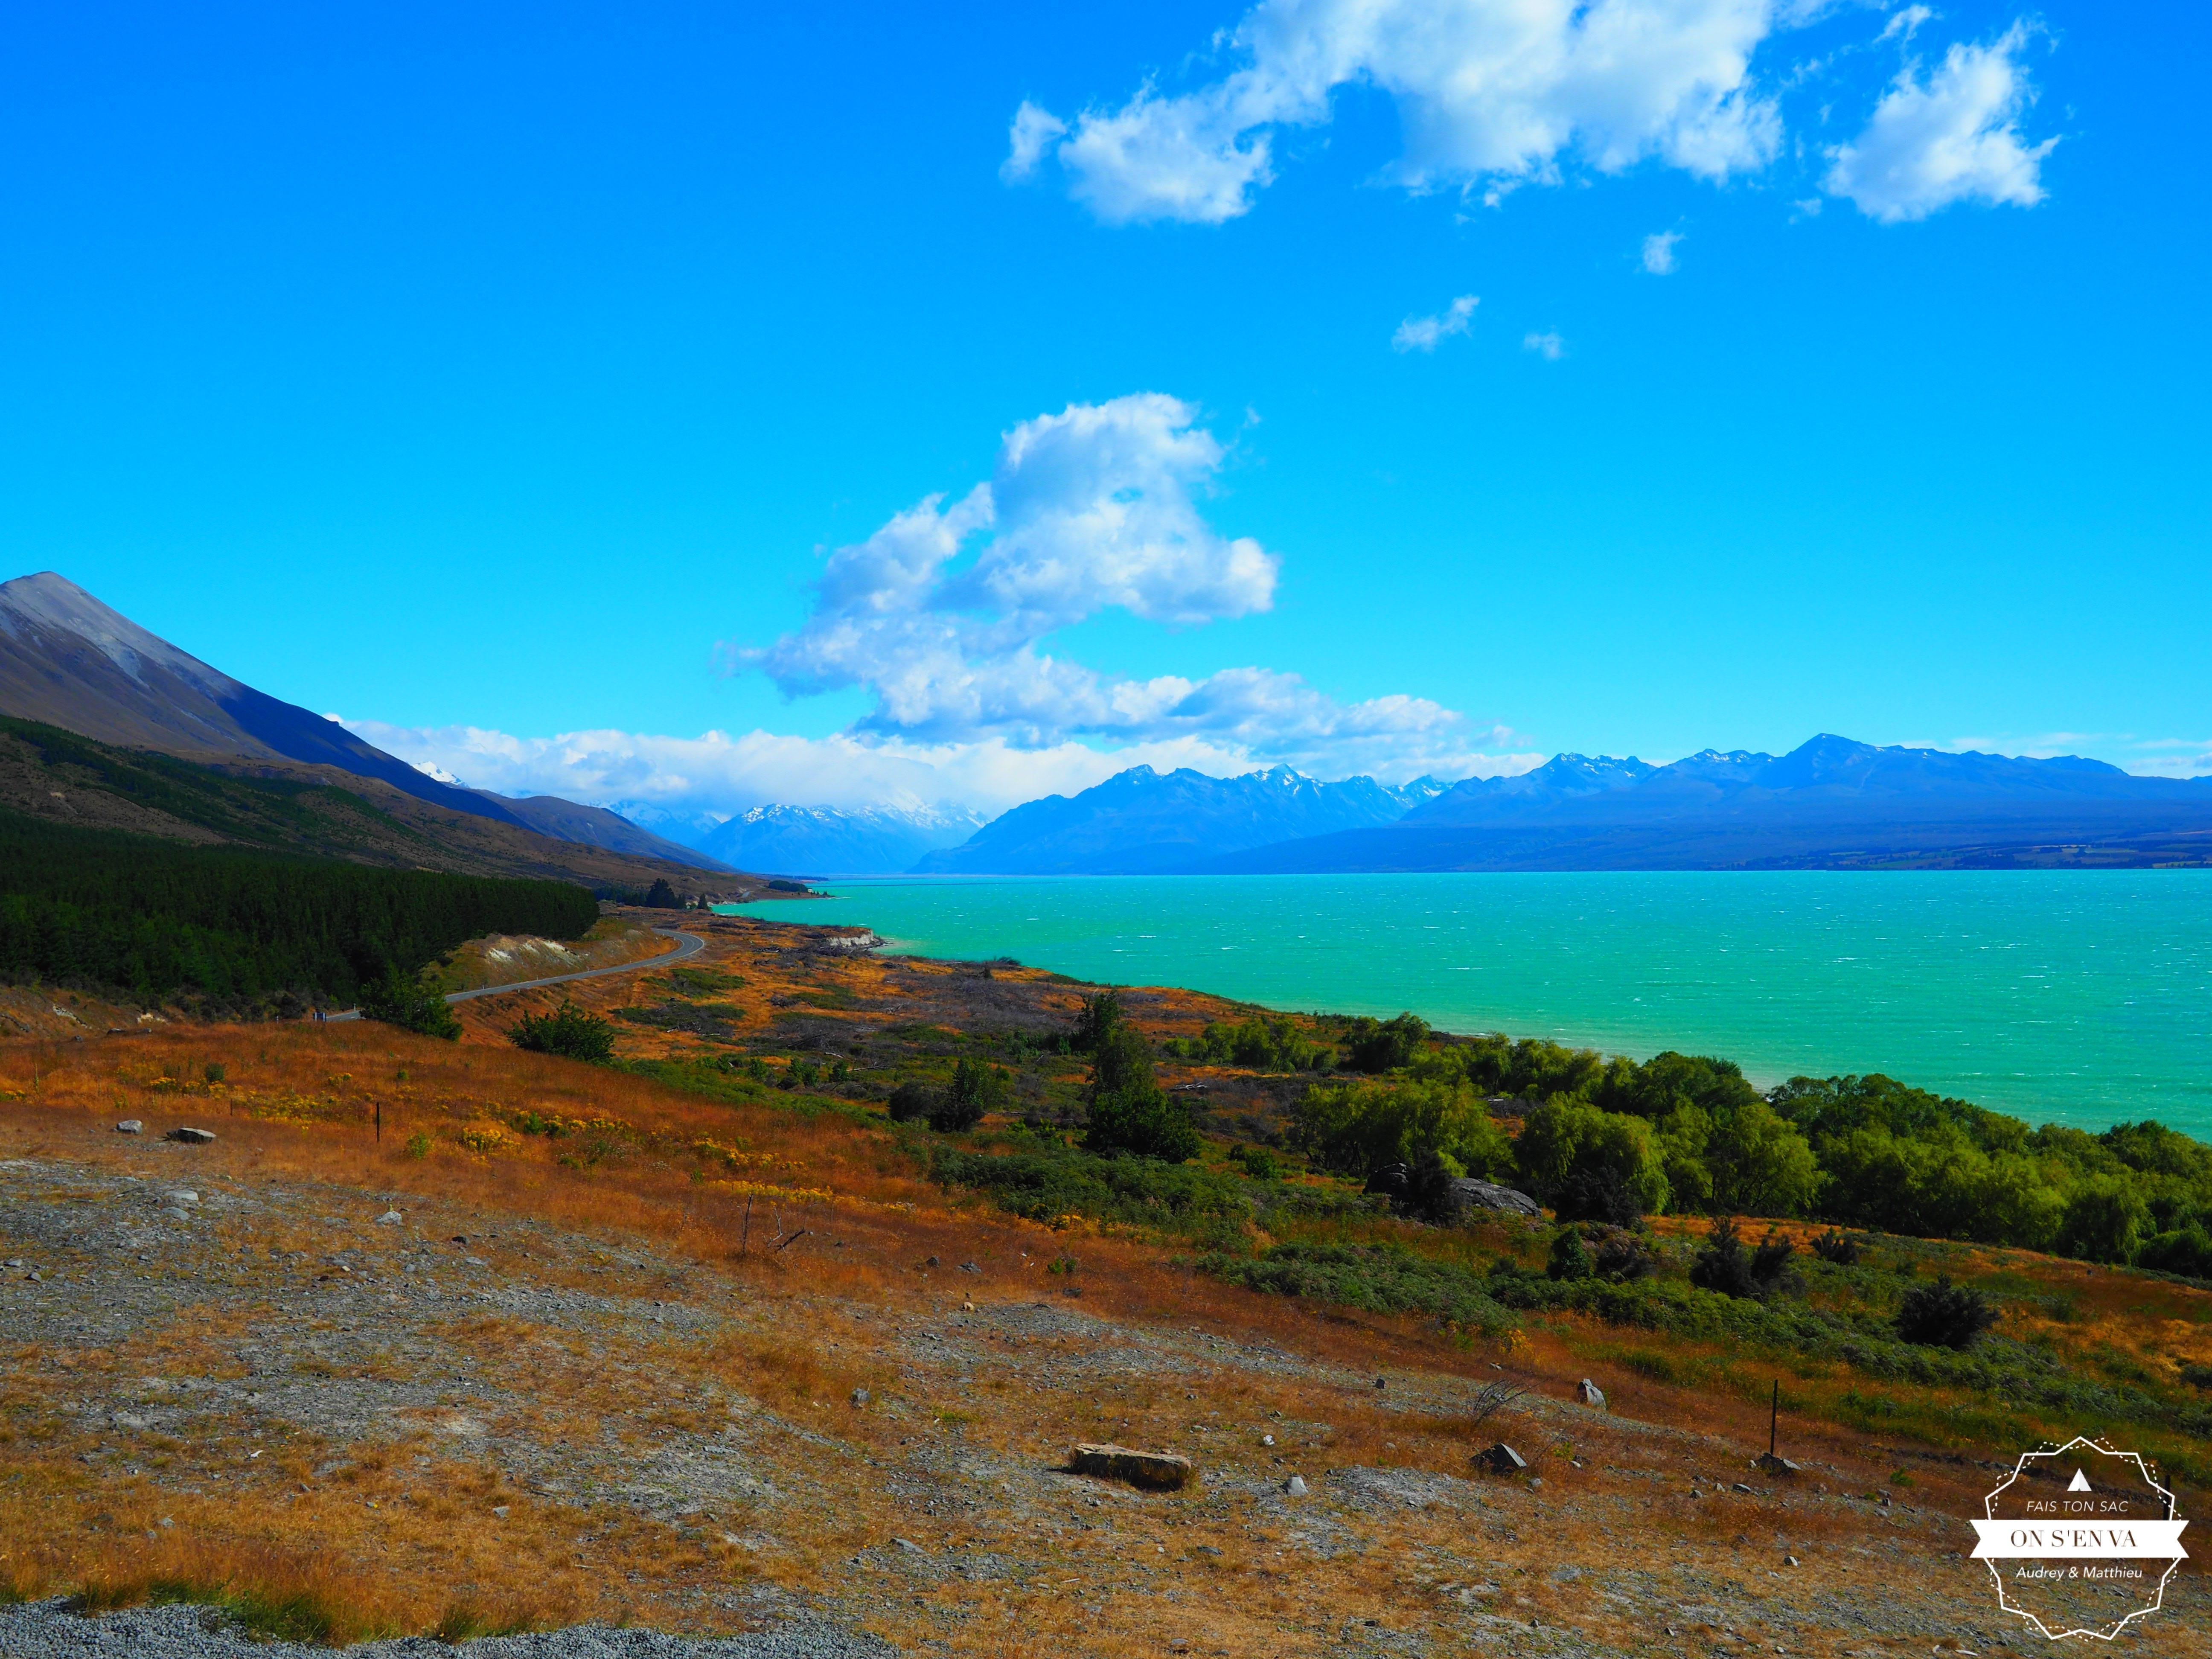 ... depuis le lac Pukaki